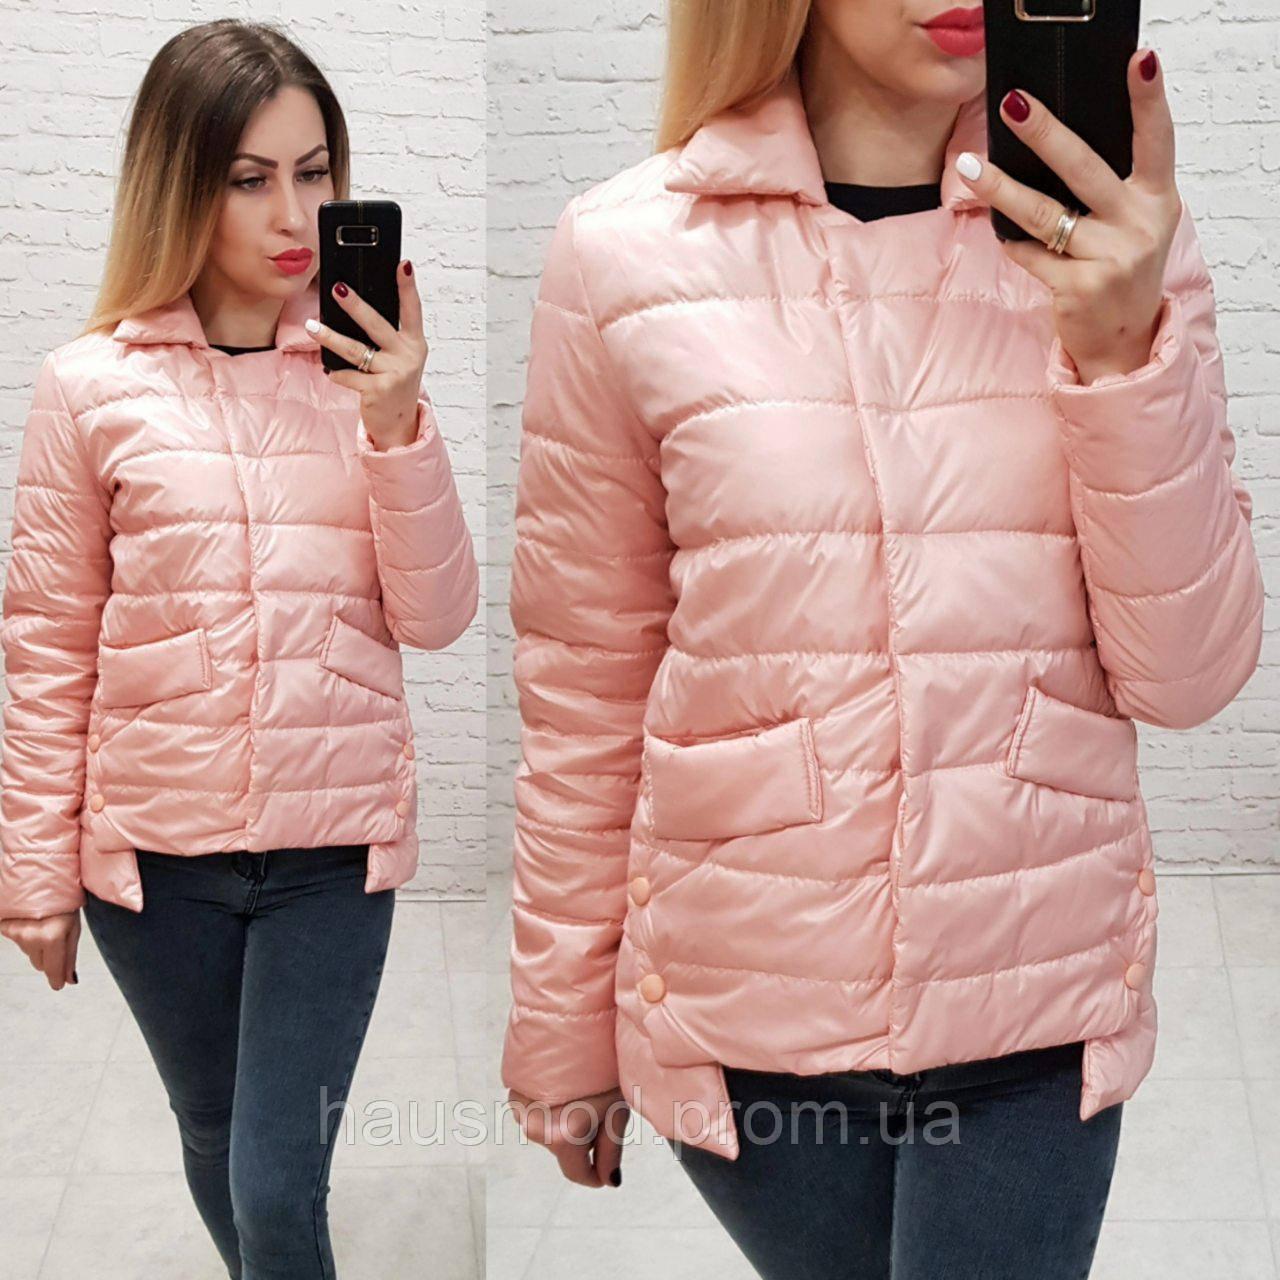 Женская куртка весна на кнопках ткань плащевка на синтепоне цвет персик